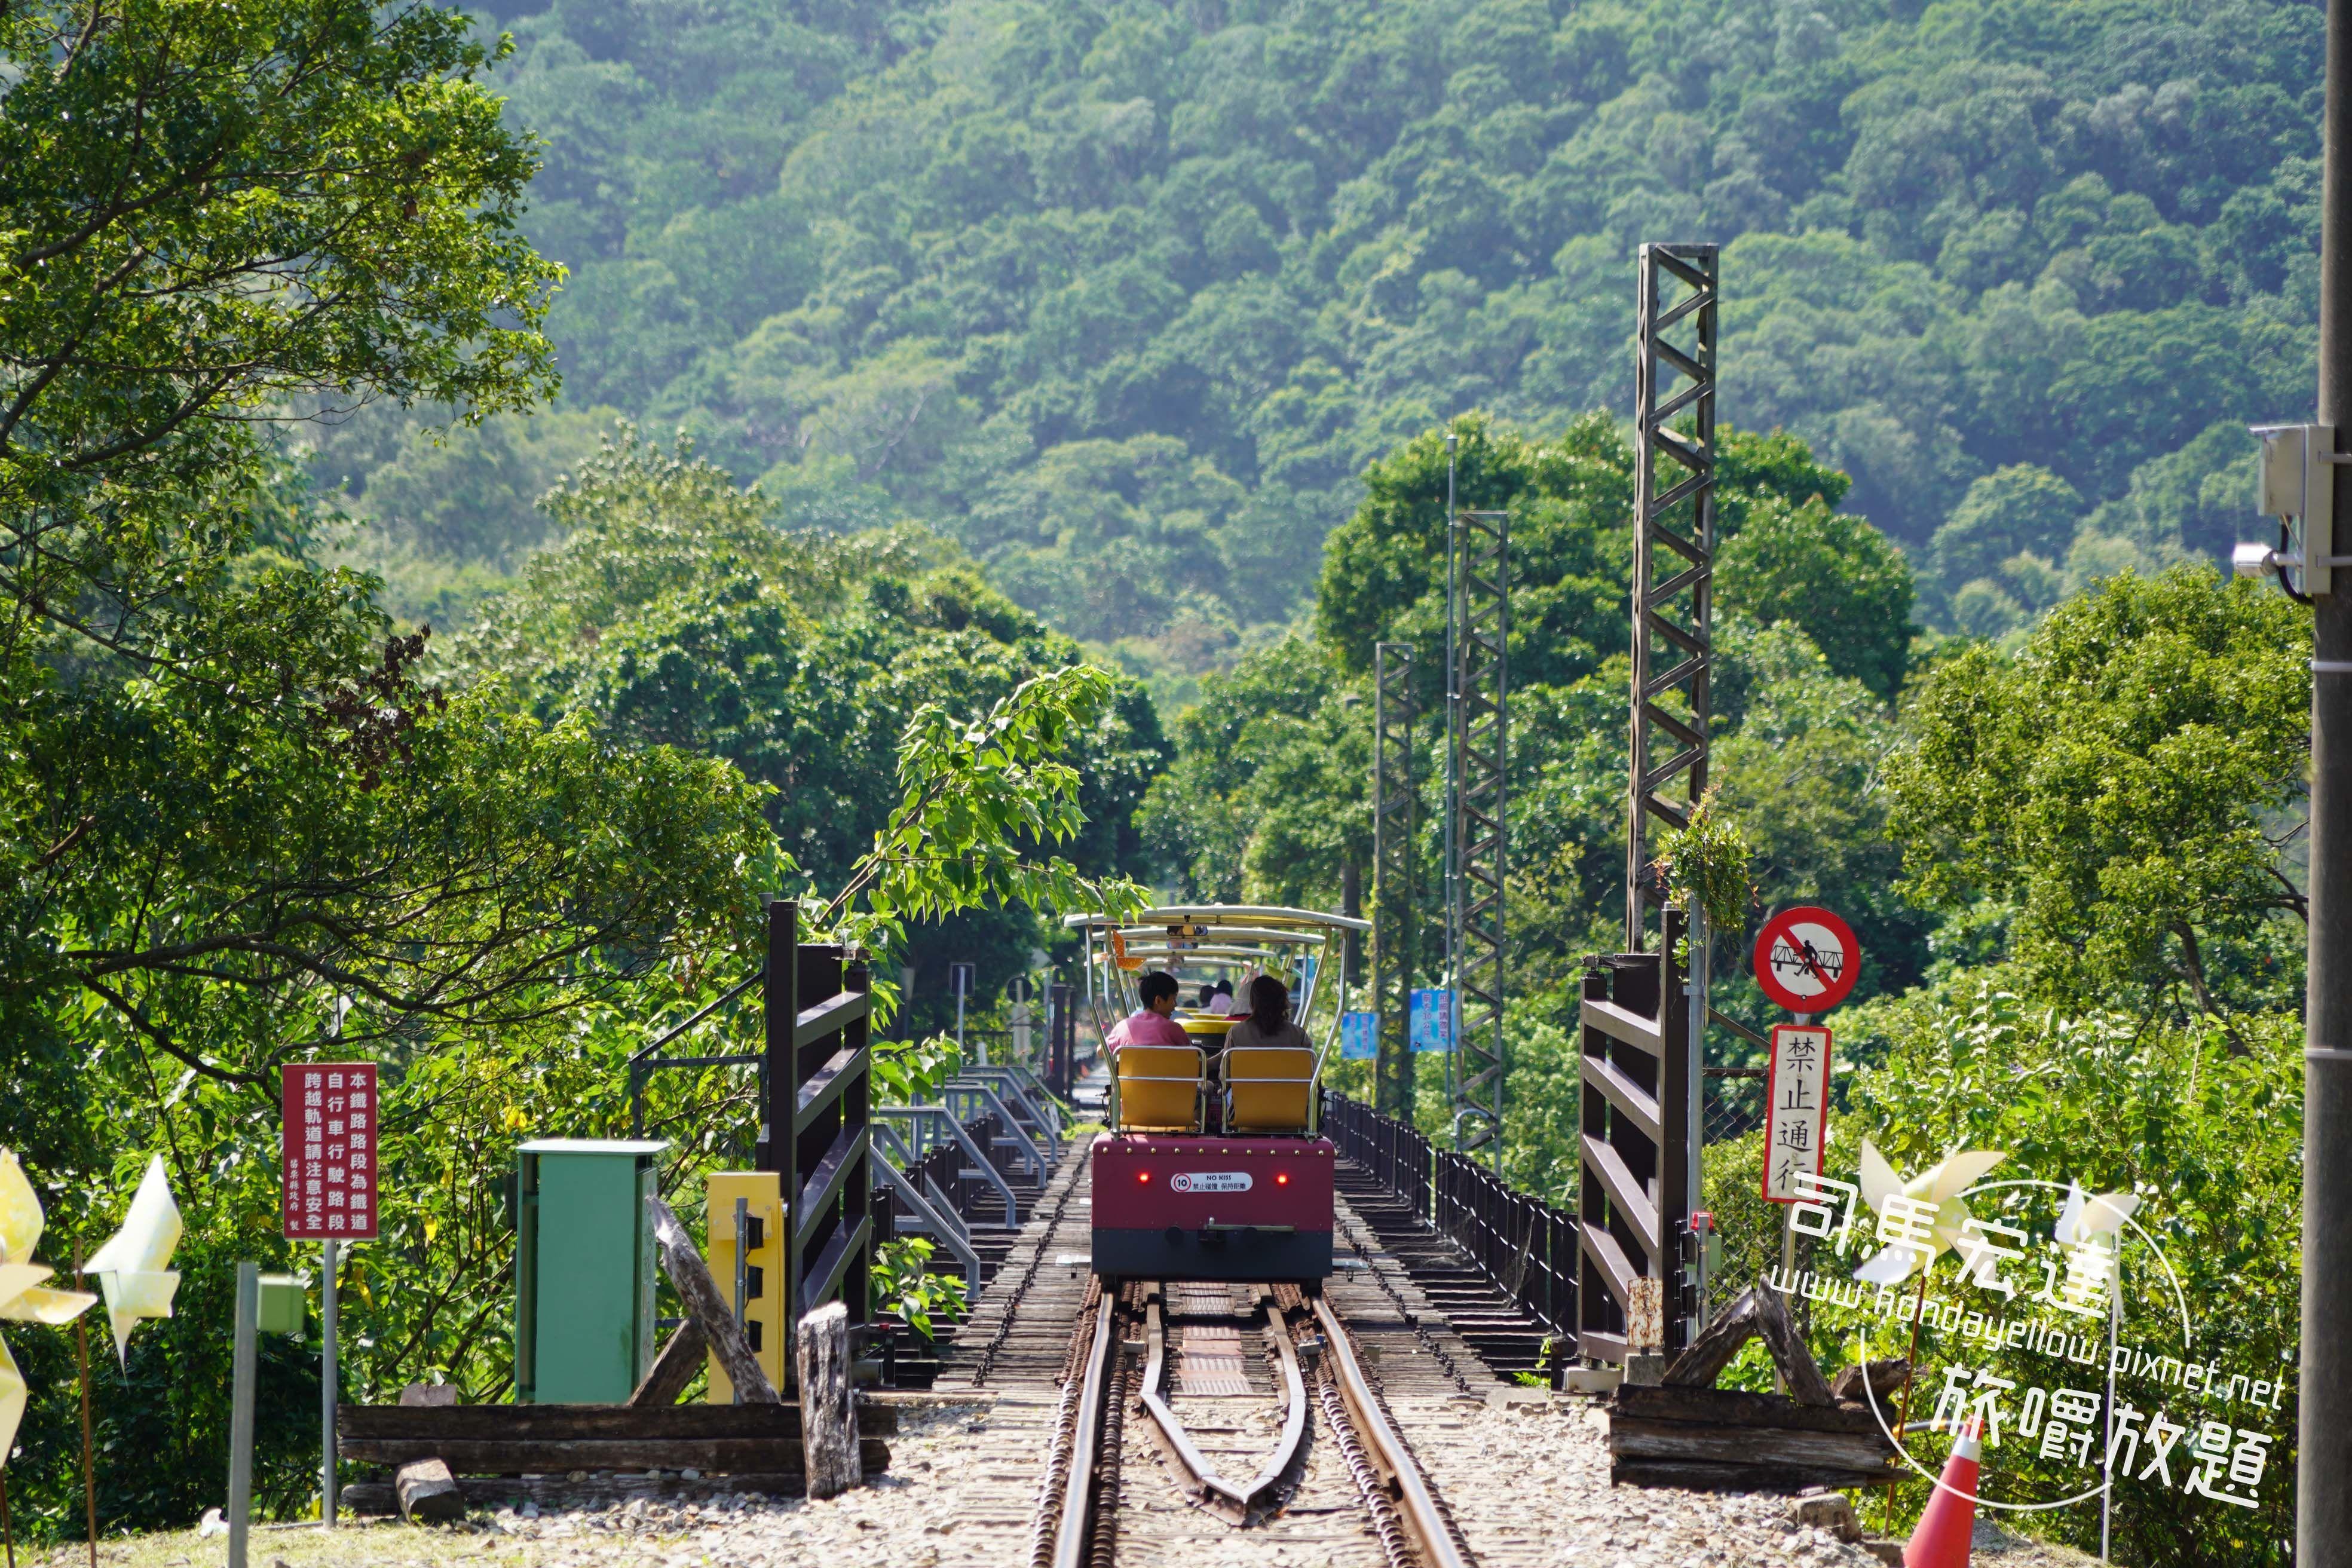 舊山線Railbike鐵道自行車 - C路線3.jpg